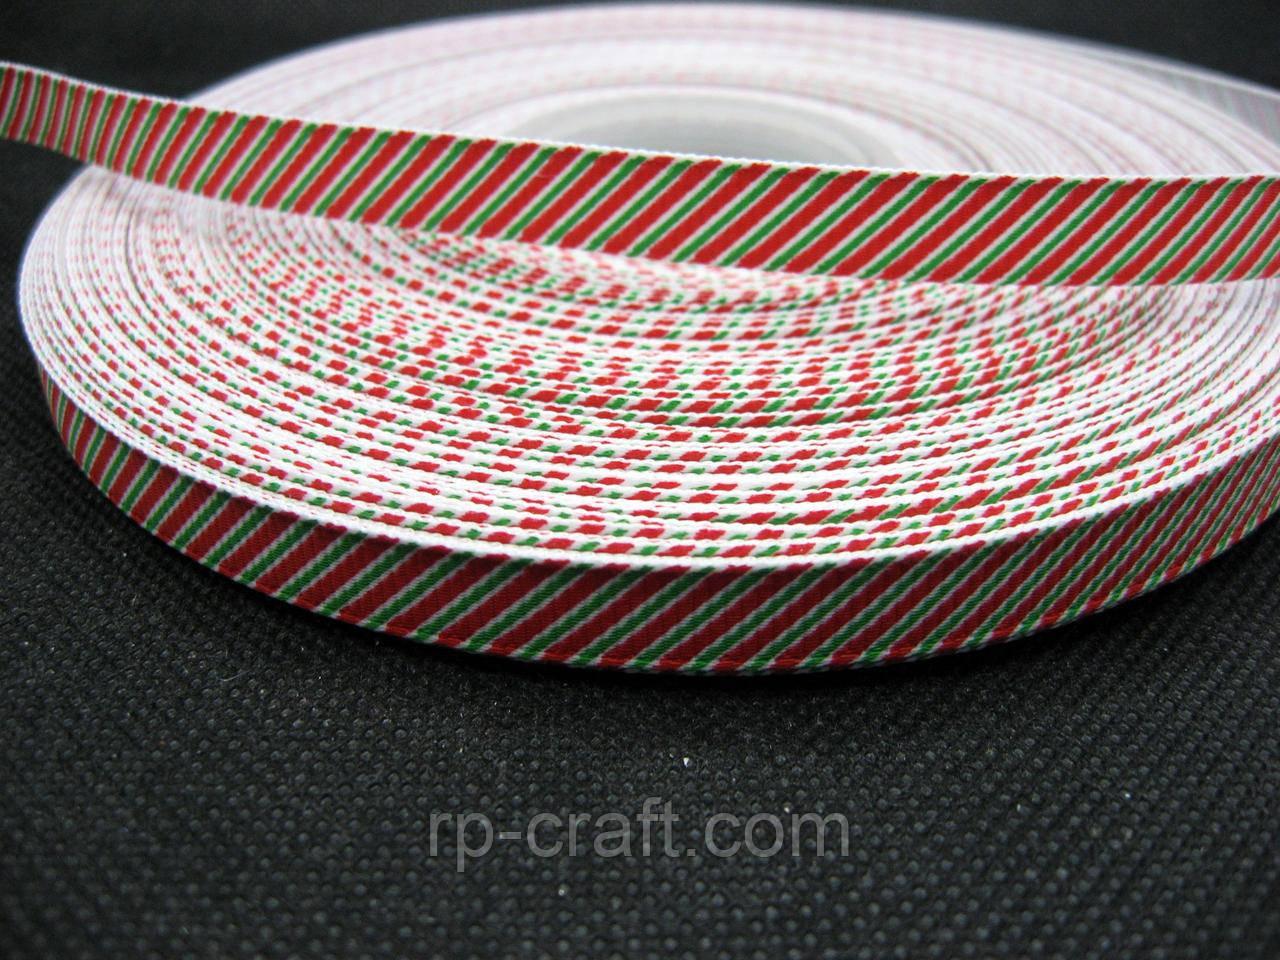 Стрічка репсова, новорічна. Червоно-біло-зелена смужка, 10 мм